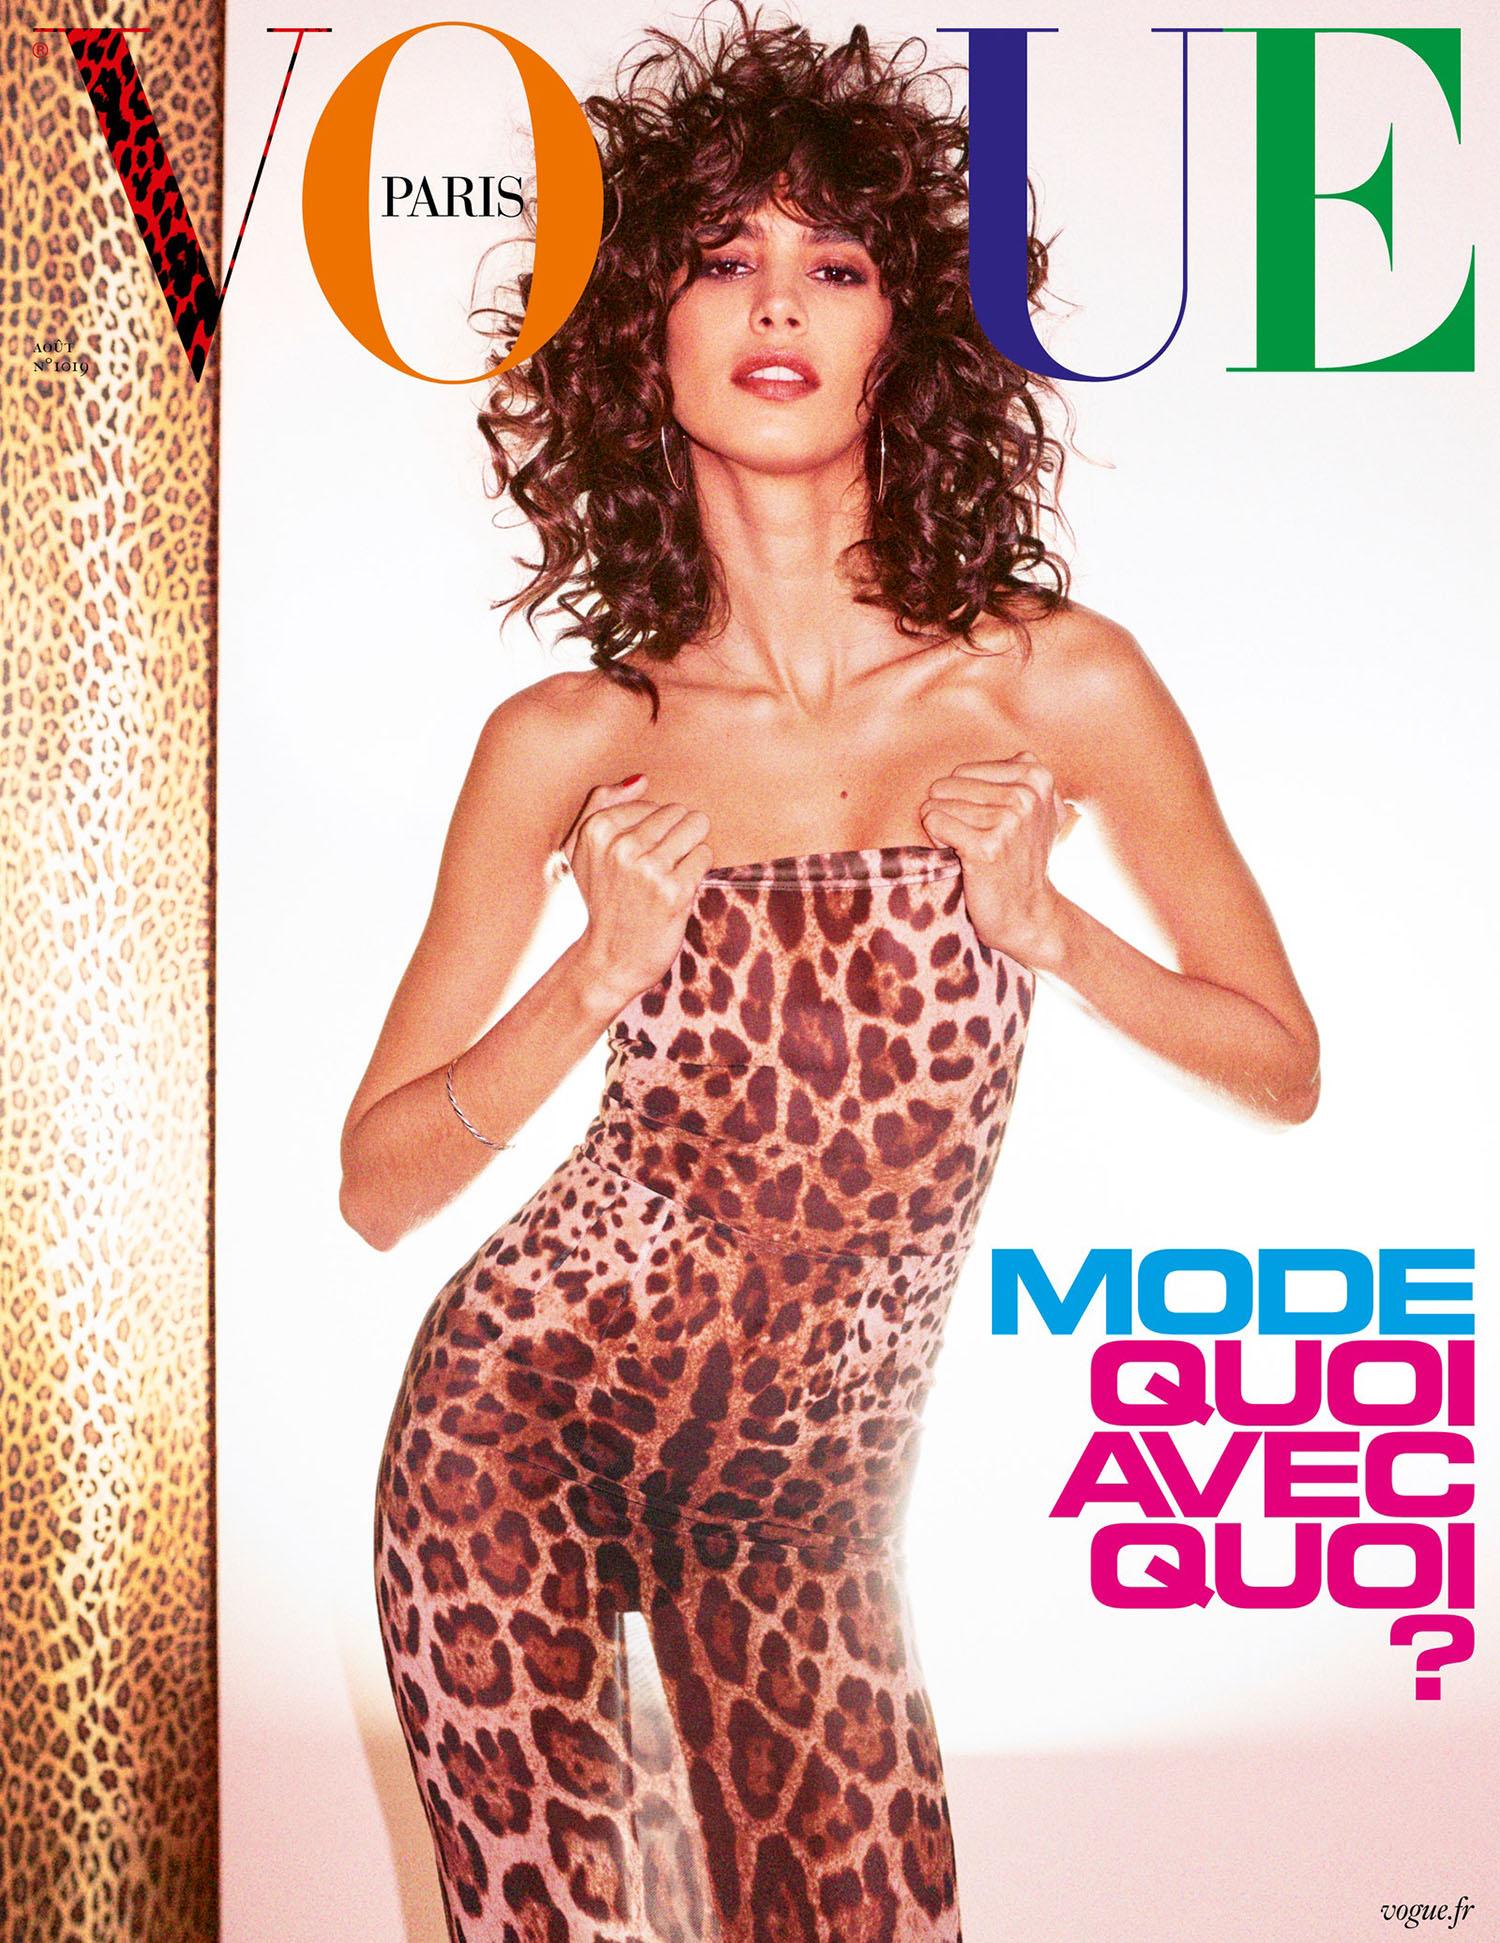 Mica Argañaraz covers Vogue Paris August 2021 by Mikael Jansson